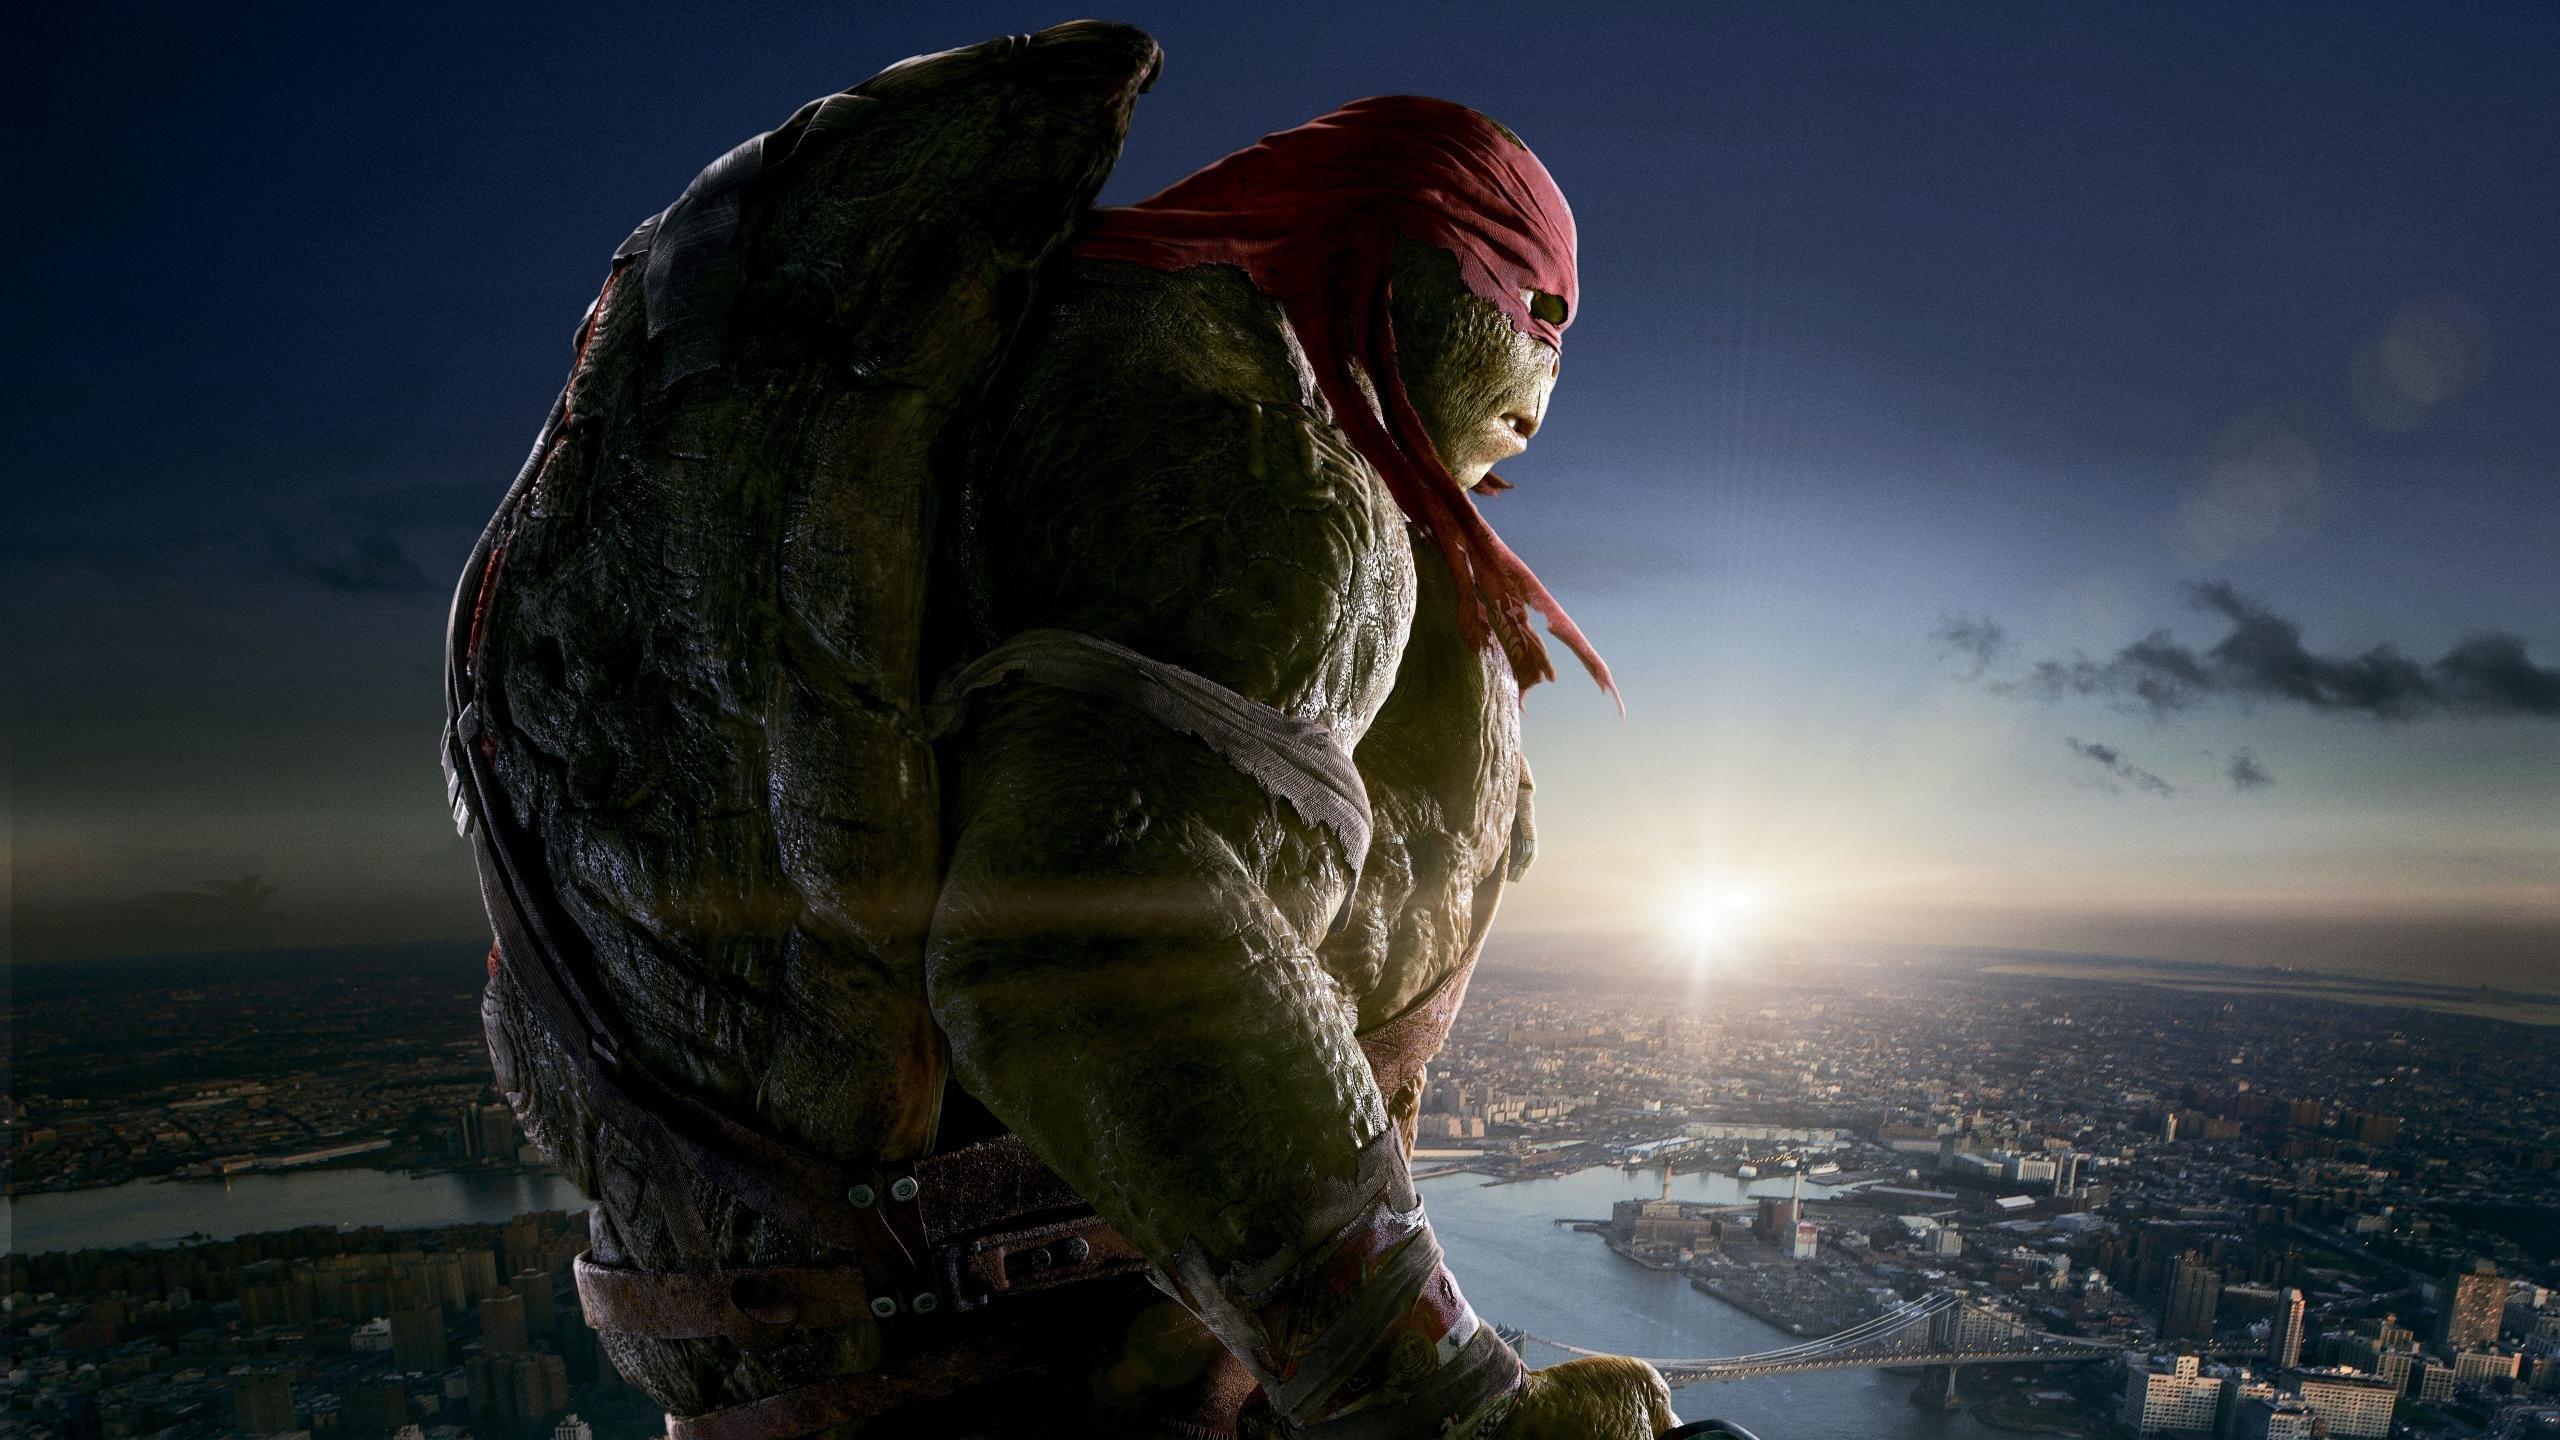 Teenage Mutant Ninja Turtles 2014 Tmnt Movie Wallpapers